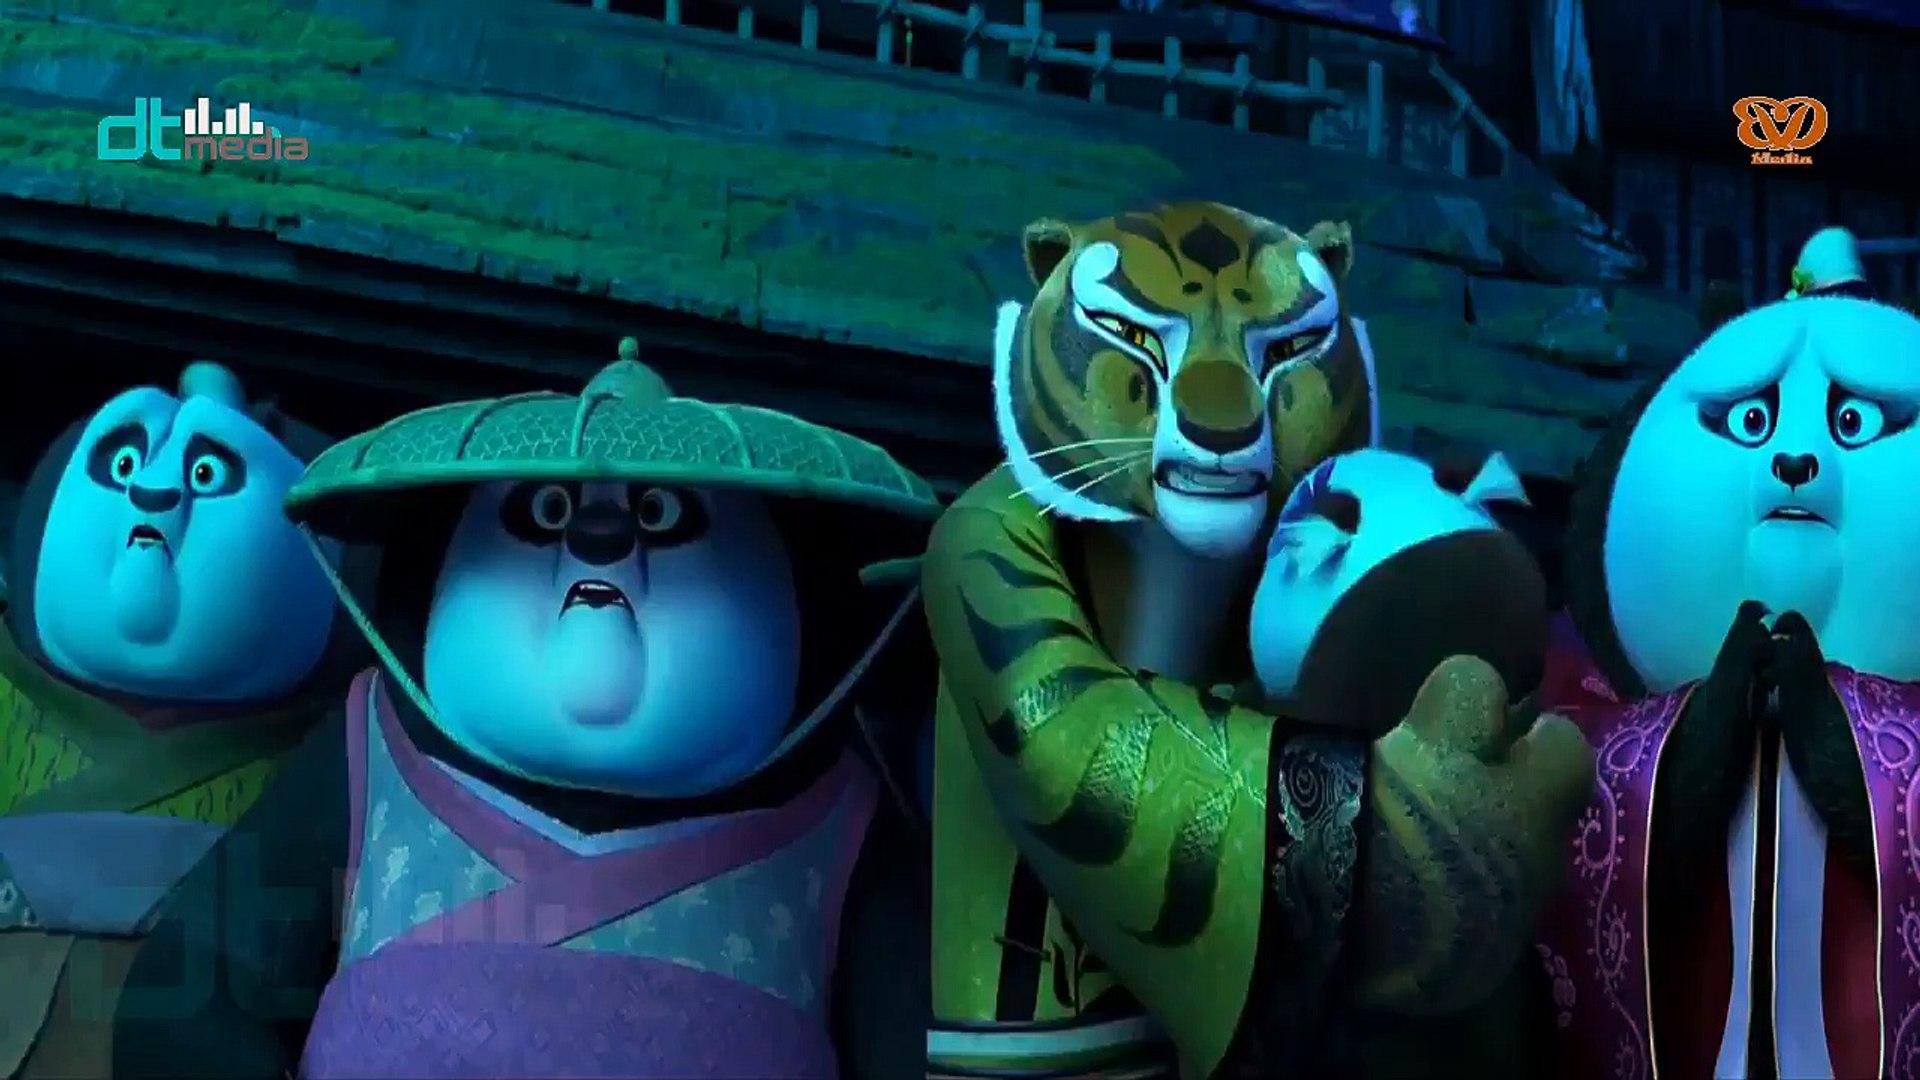 Nhạc Phim Remix - Kung Fu Panda - Nhạc Phim Lồng Nhạc Trẻ Remix Phim Hành Động Võ Thuật Hay